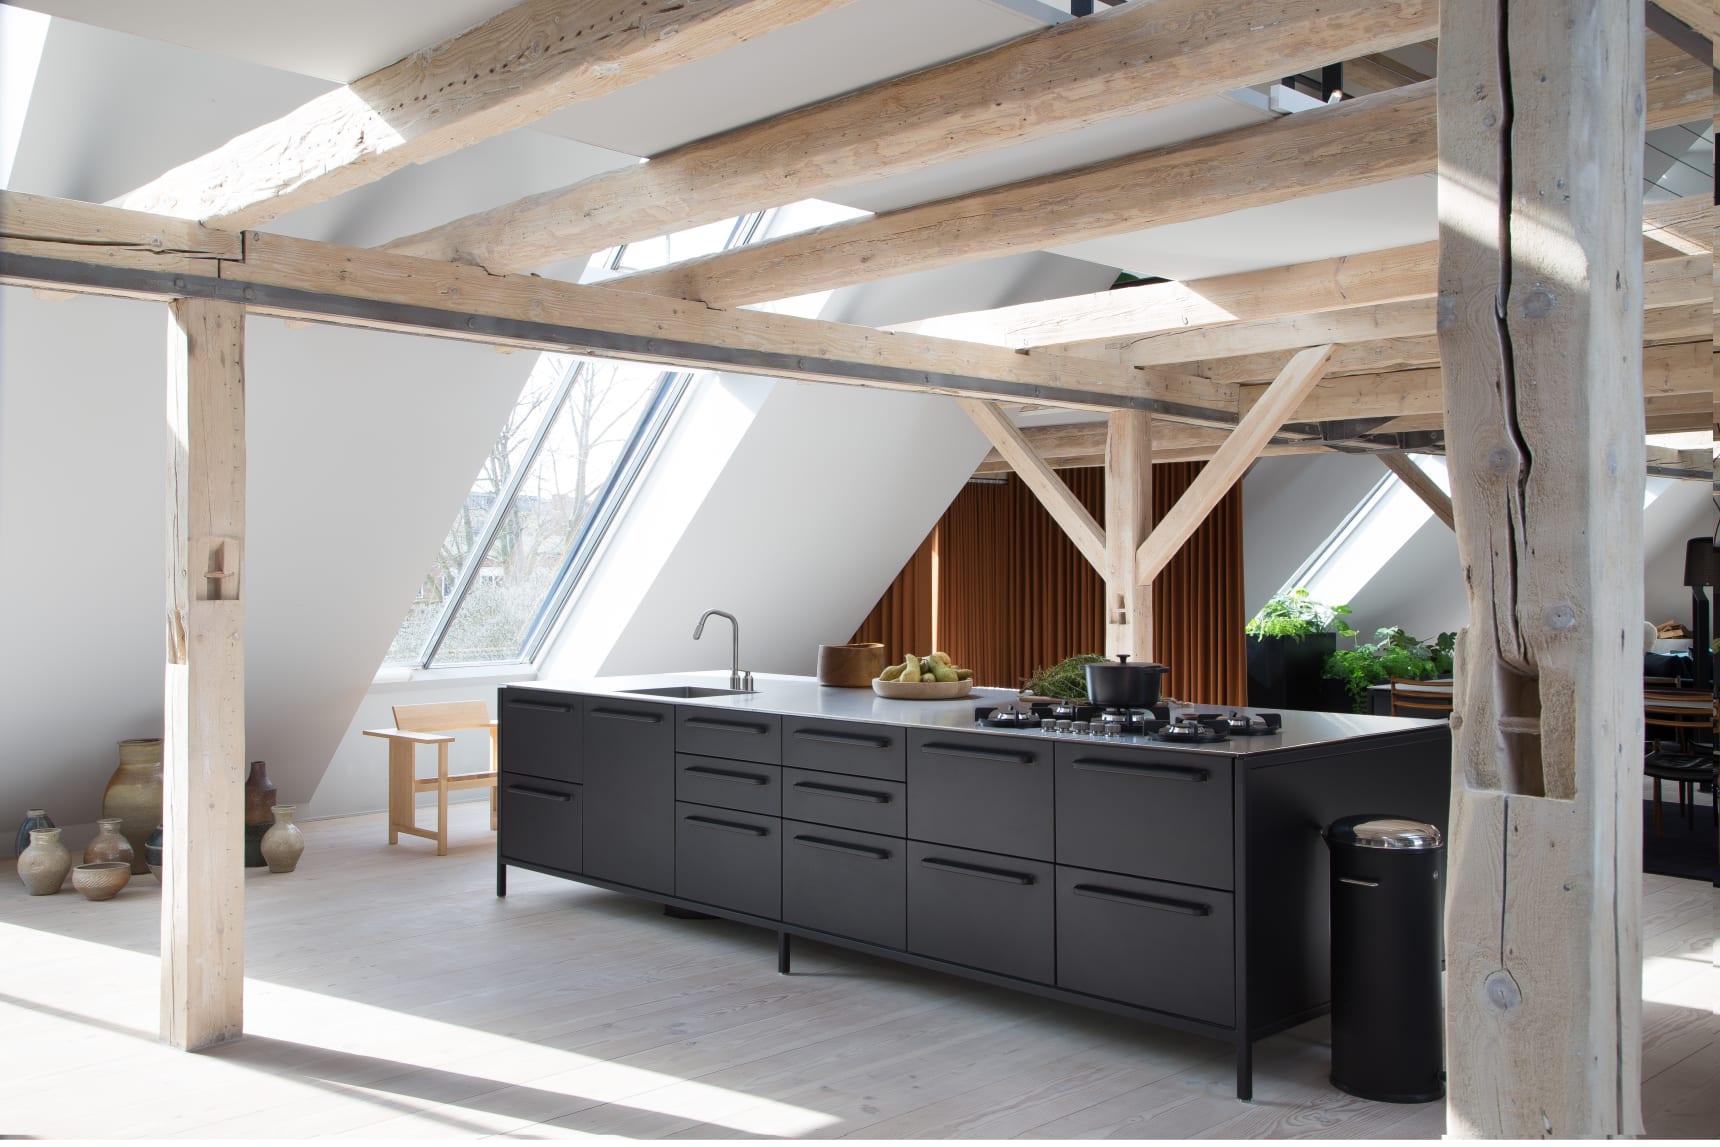 Küchen-Design Inspirationen: So könnte Deine nächste Küche aussehen 14